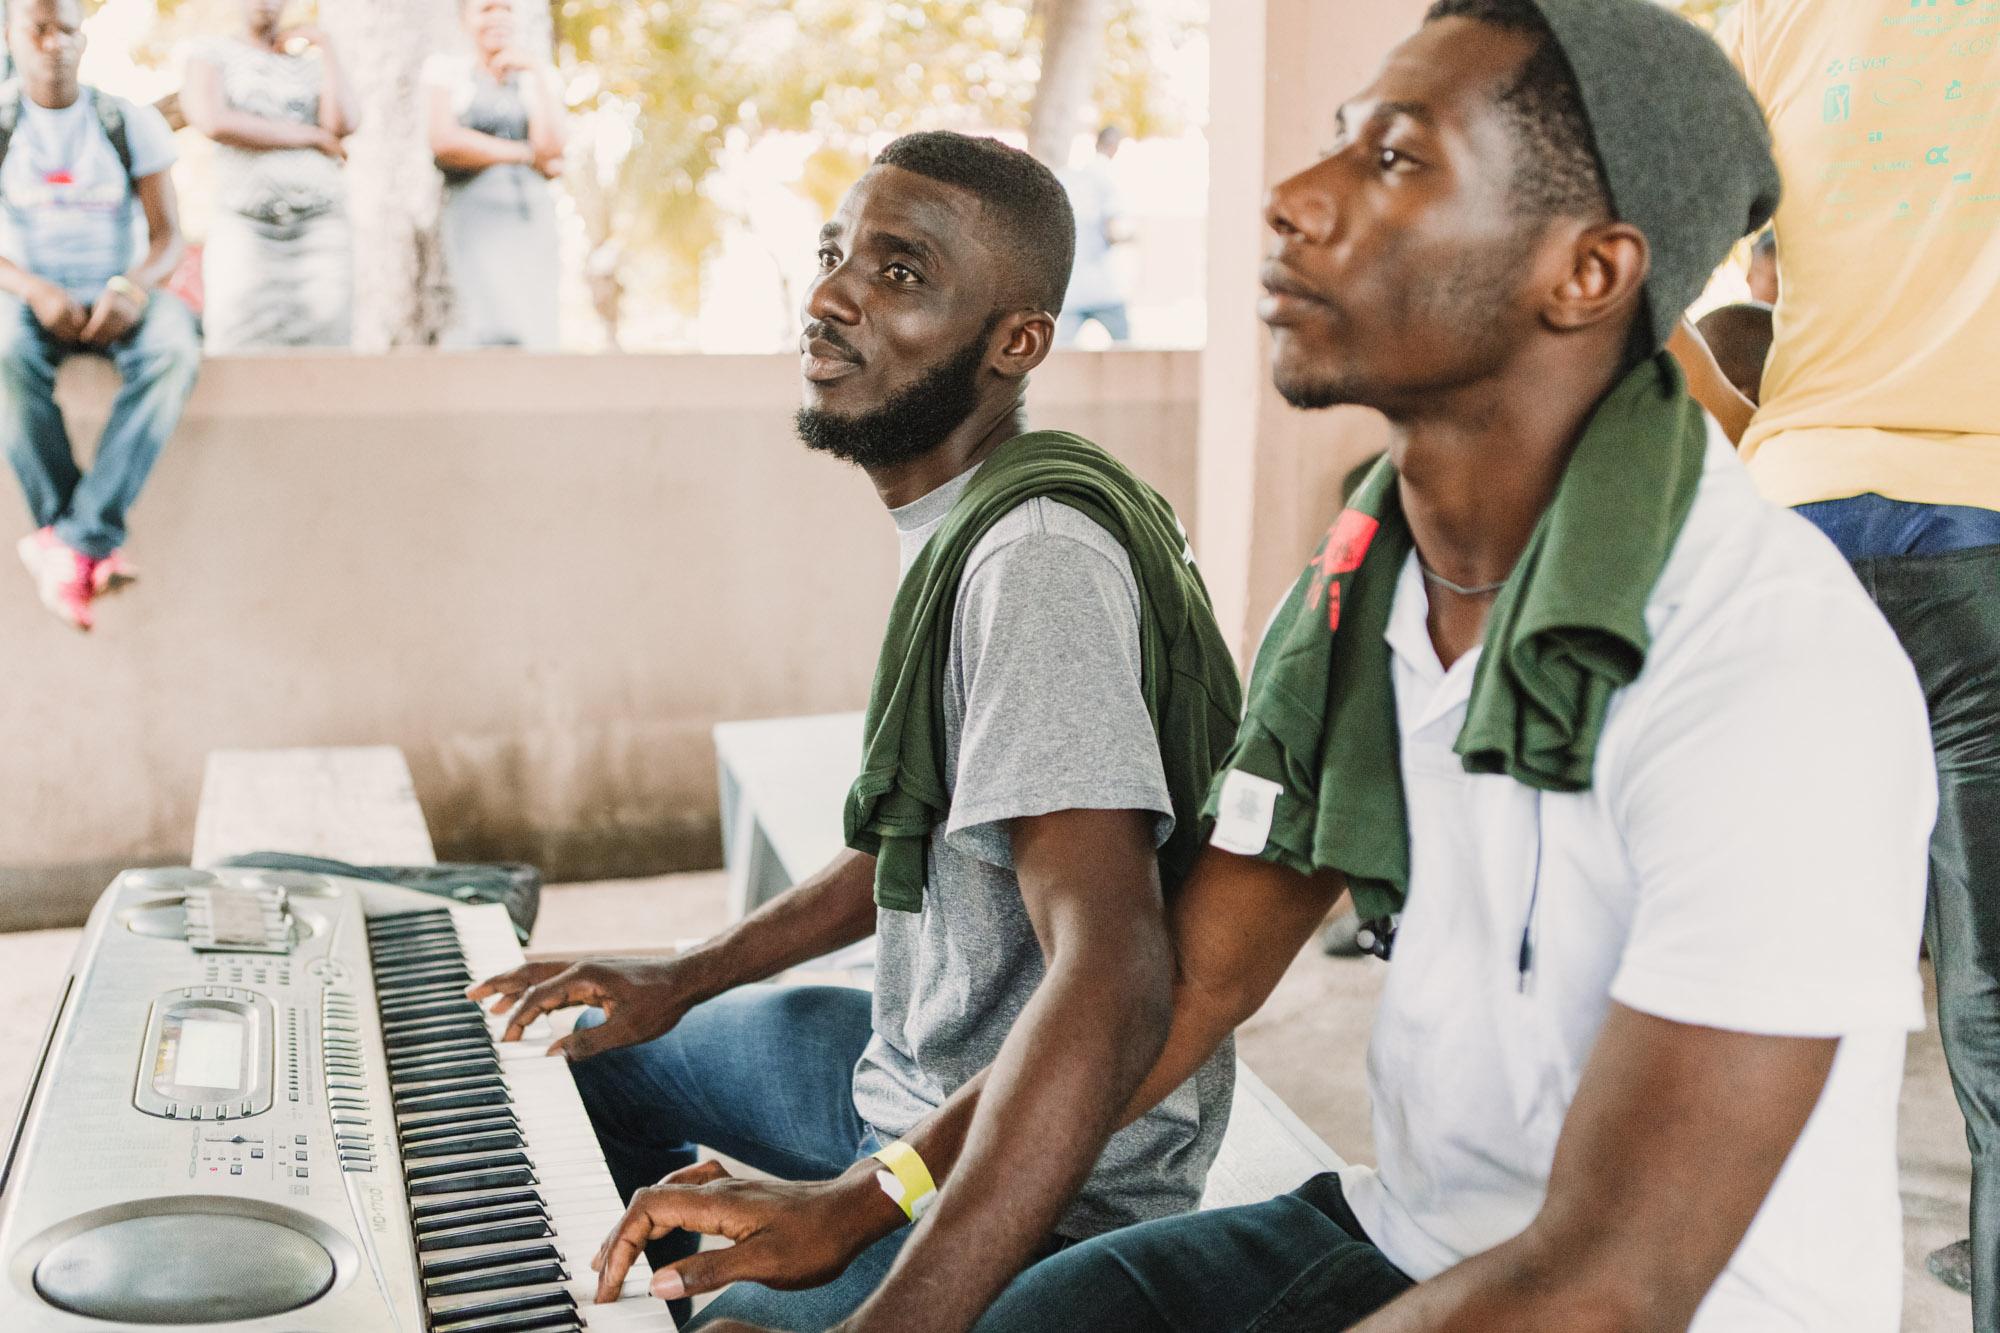 20190612_Surf City Haiti Blog_018_web.jpg